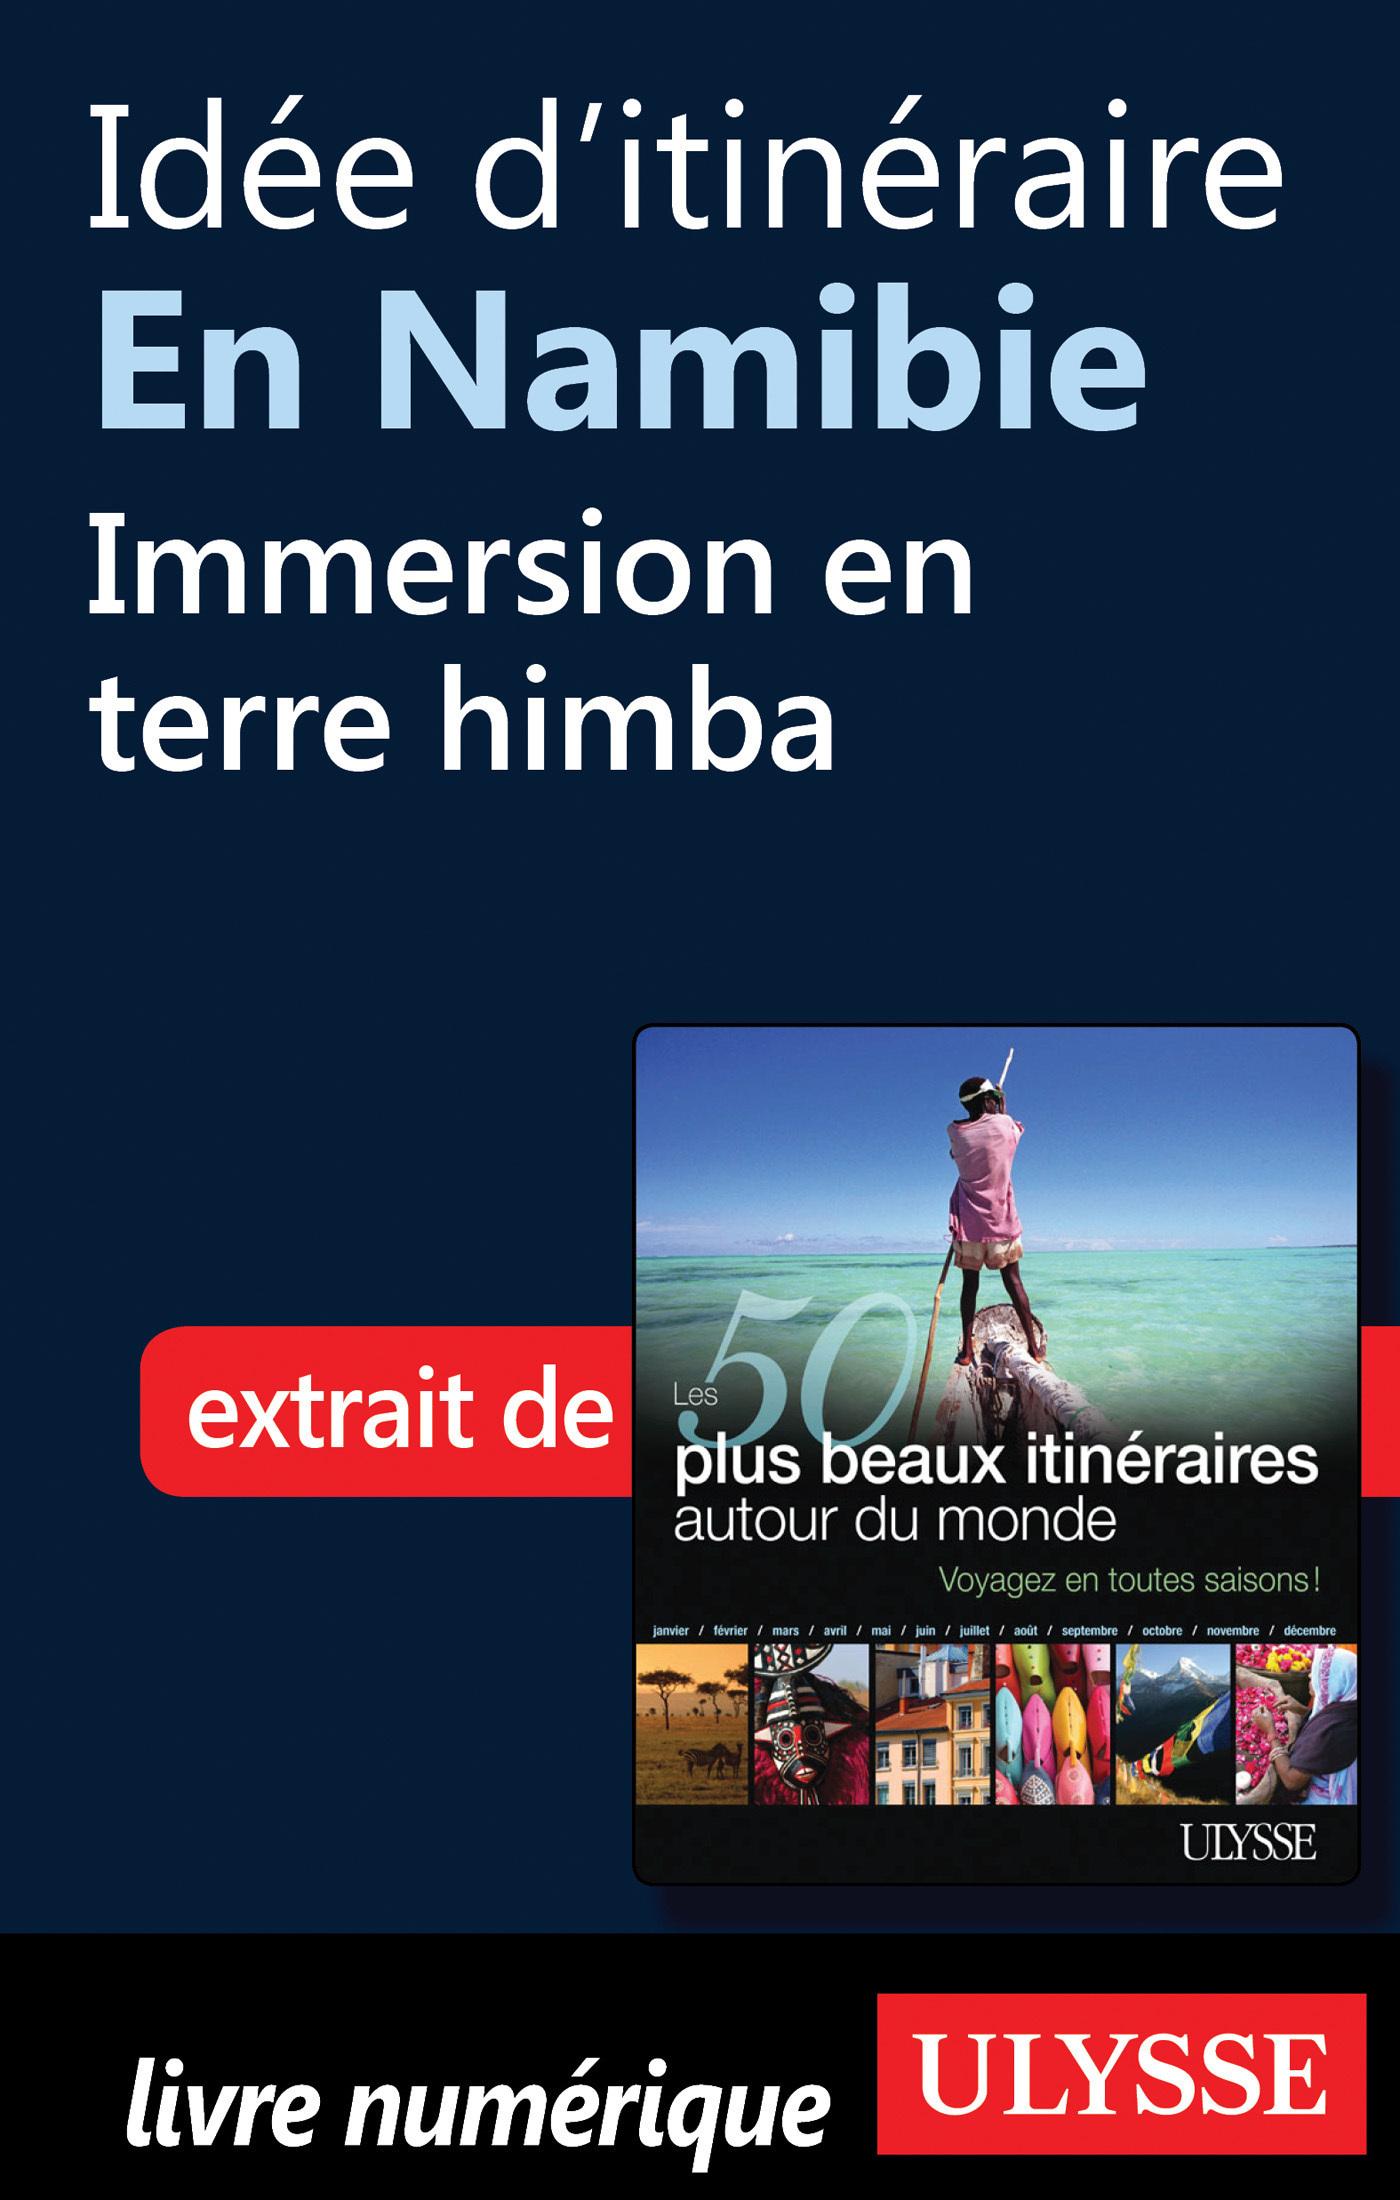 Idée d'itinéraire en Namibie : Immersion en terre himba